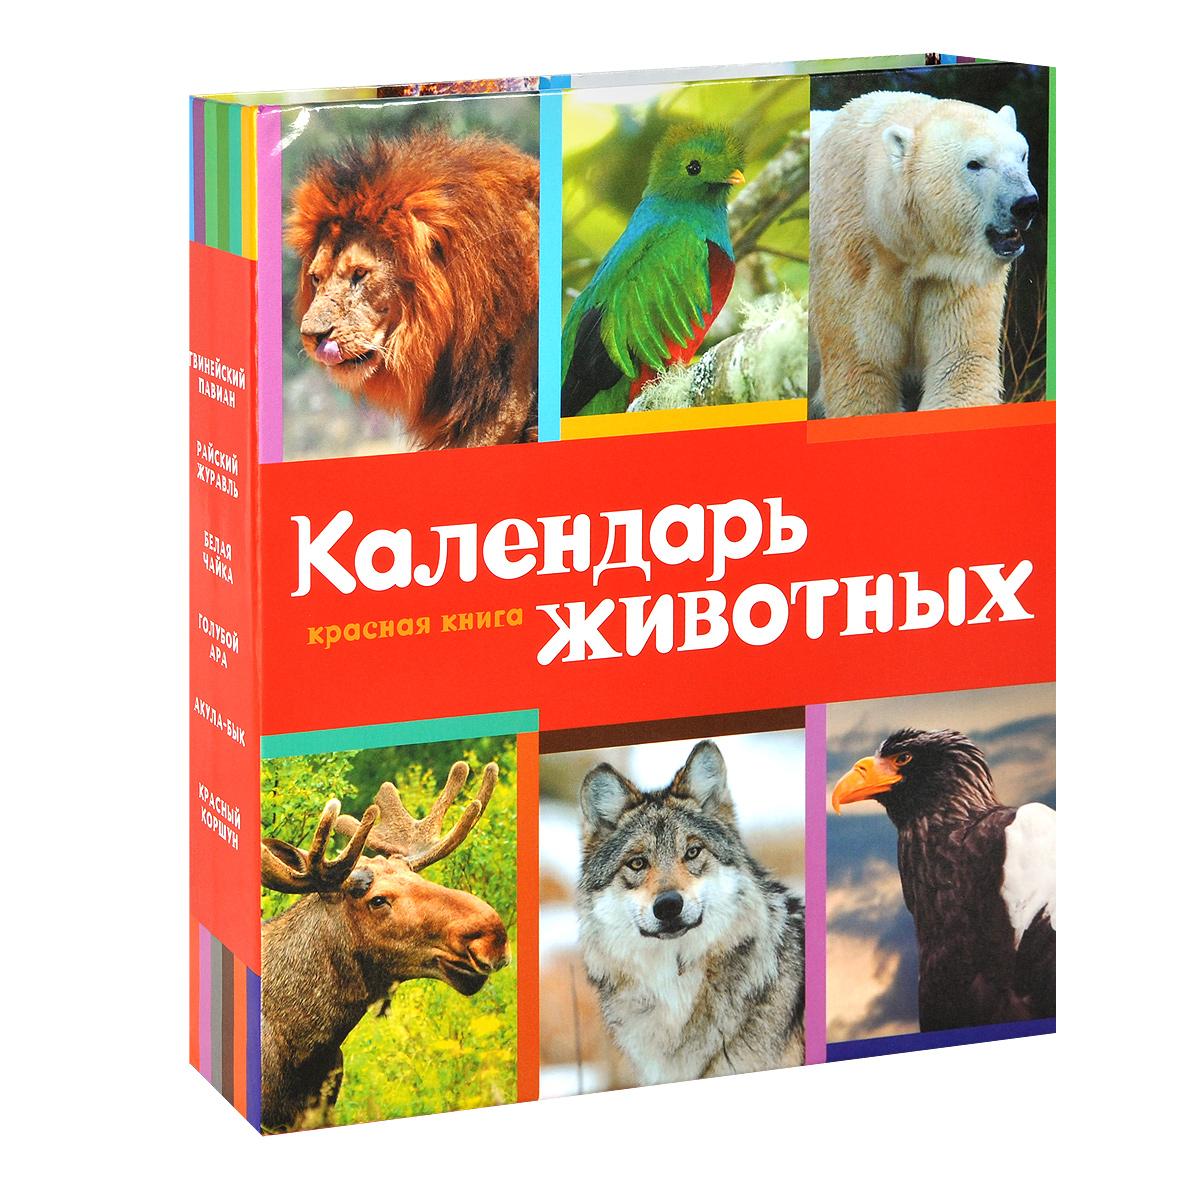 Календарь настольный (на спирали). Красная книга